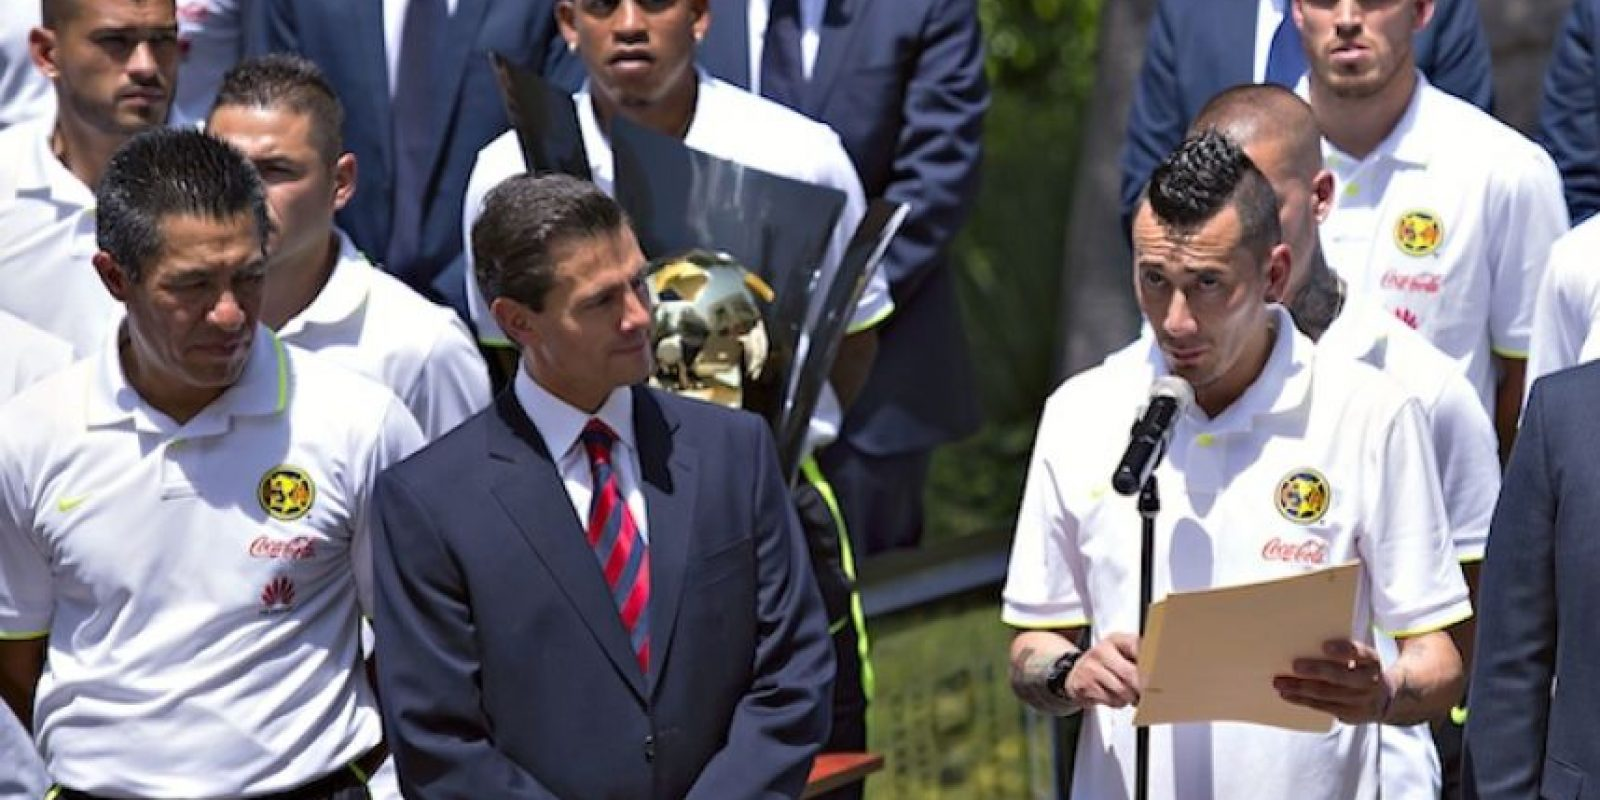 El mediocampista argentino pronunció un discurso en la visita del América a Los Pinos. Foto:Mexsport